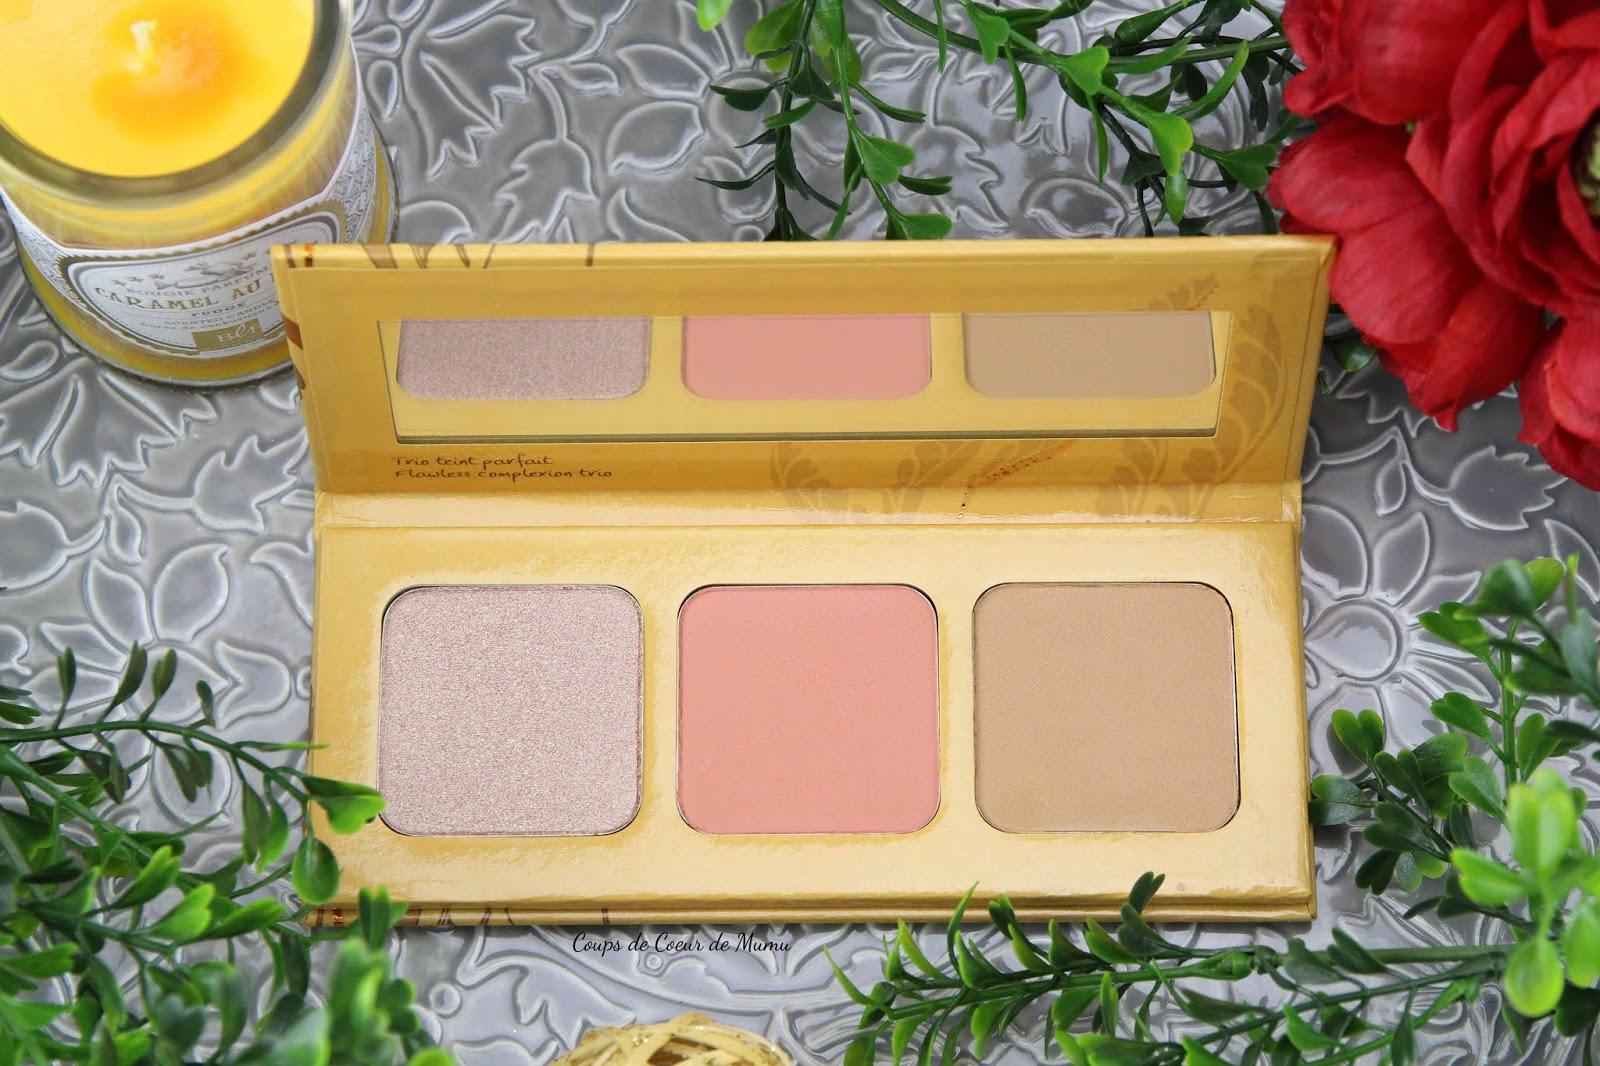 maquillage-medina-couleur-caramel-coups-